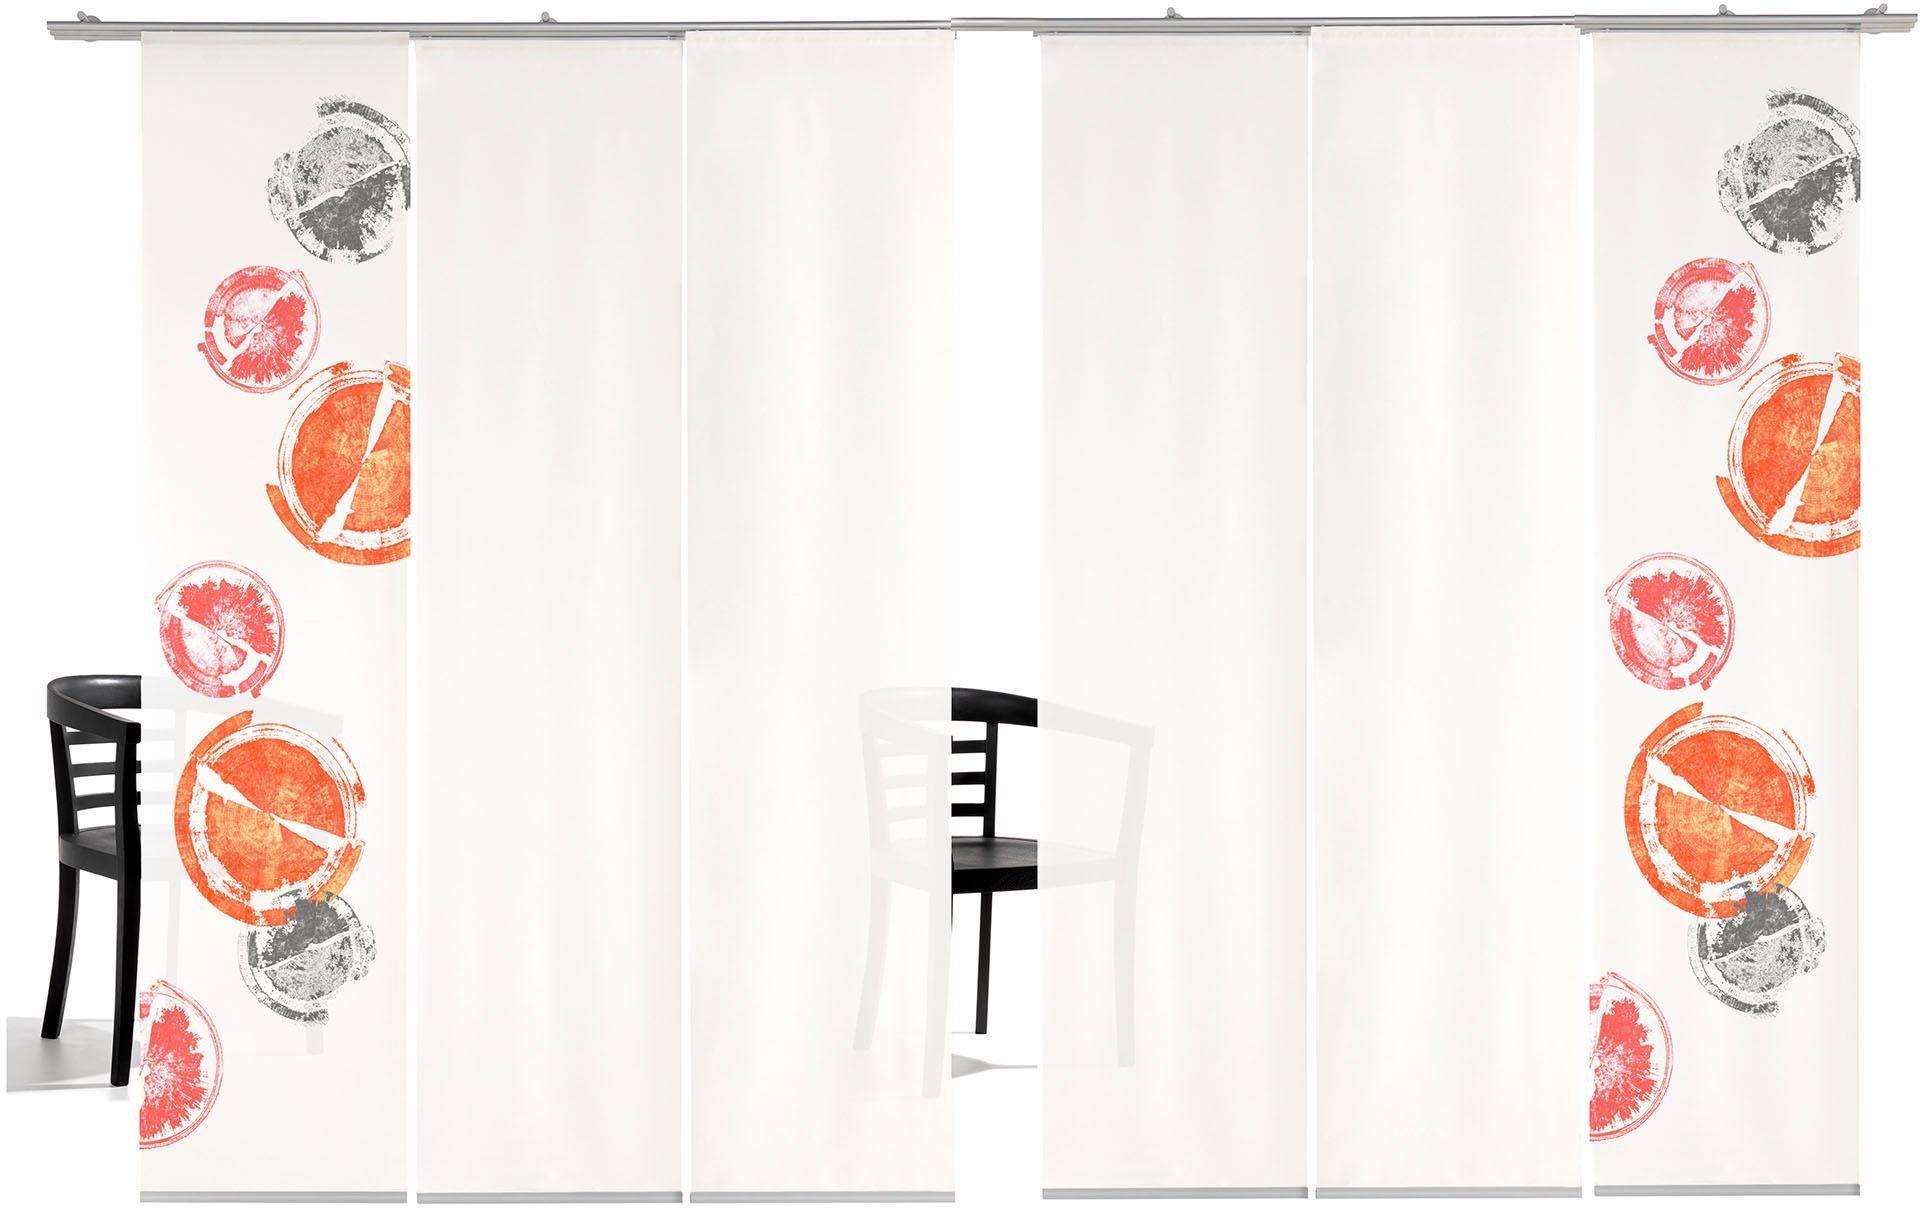 Schiebegardine »Rondo HA«, emotion textiles, Klettband (6 Stück), inkl. Befestigungszubehör